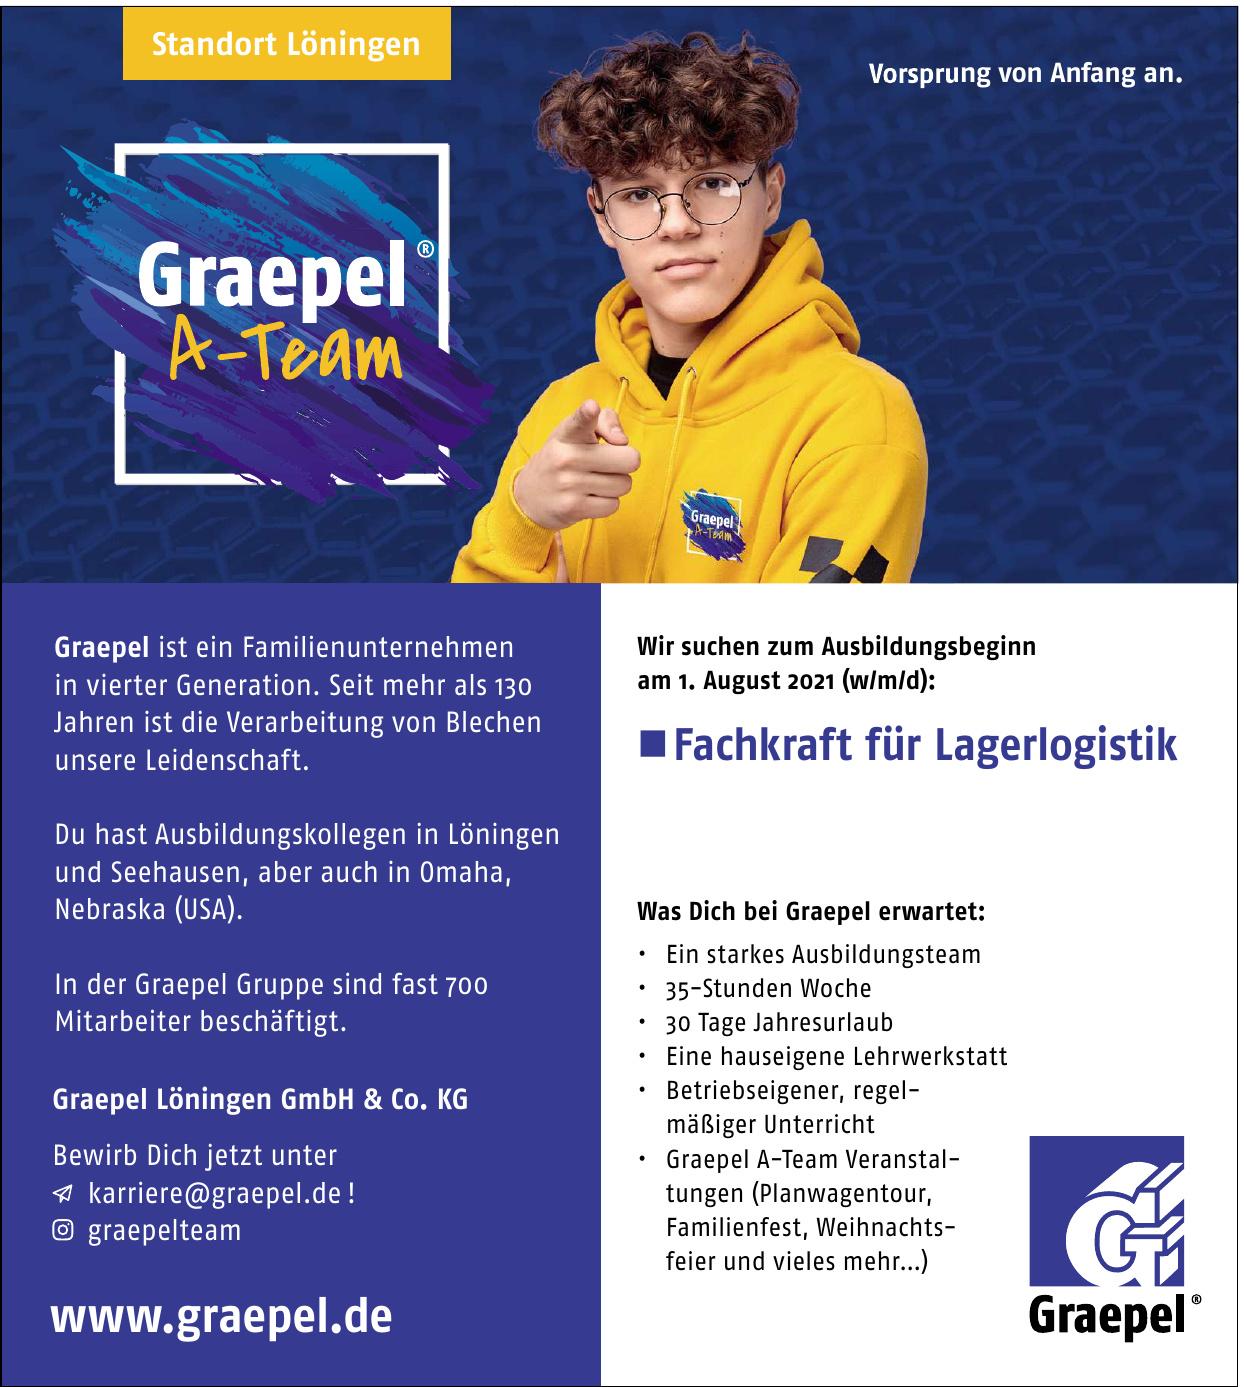 Graepel Löningen GmbH & Co. KG